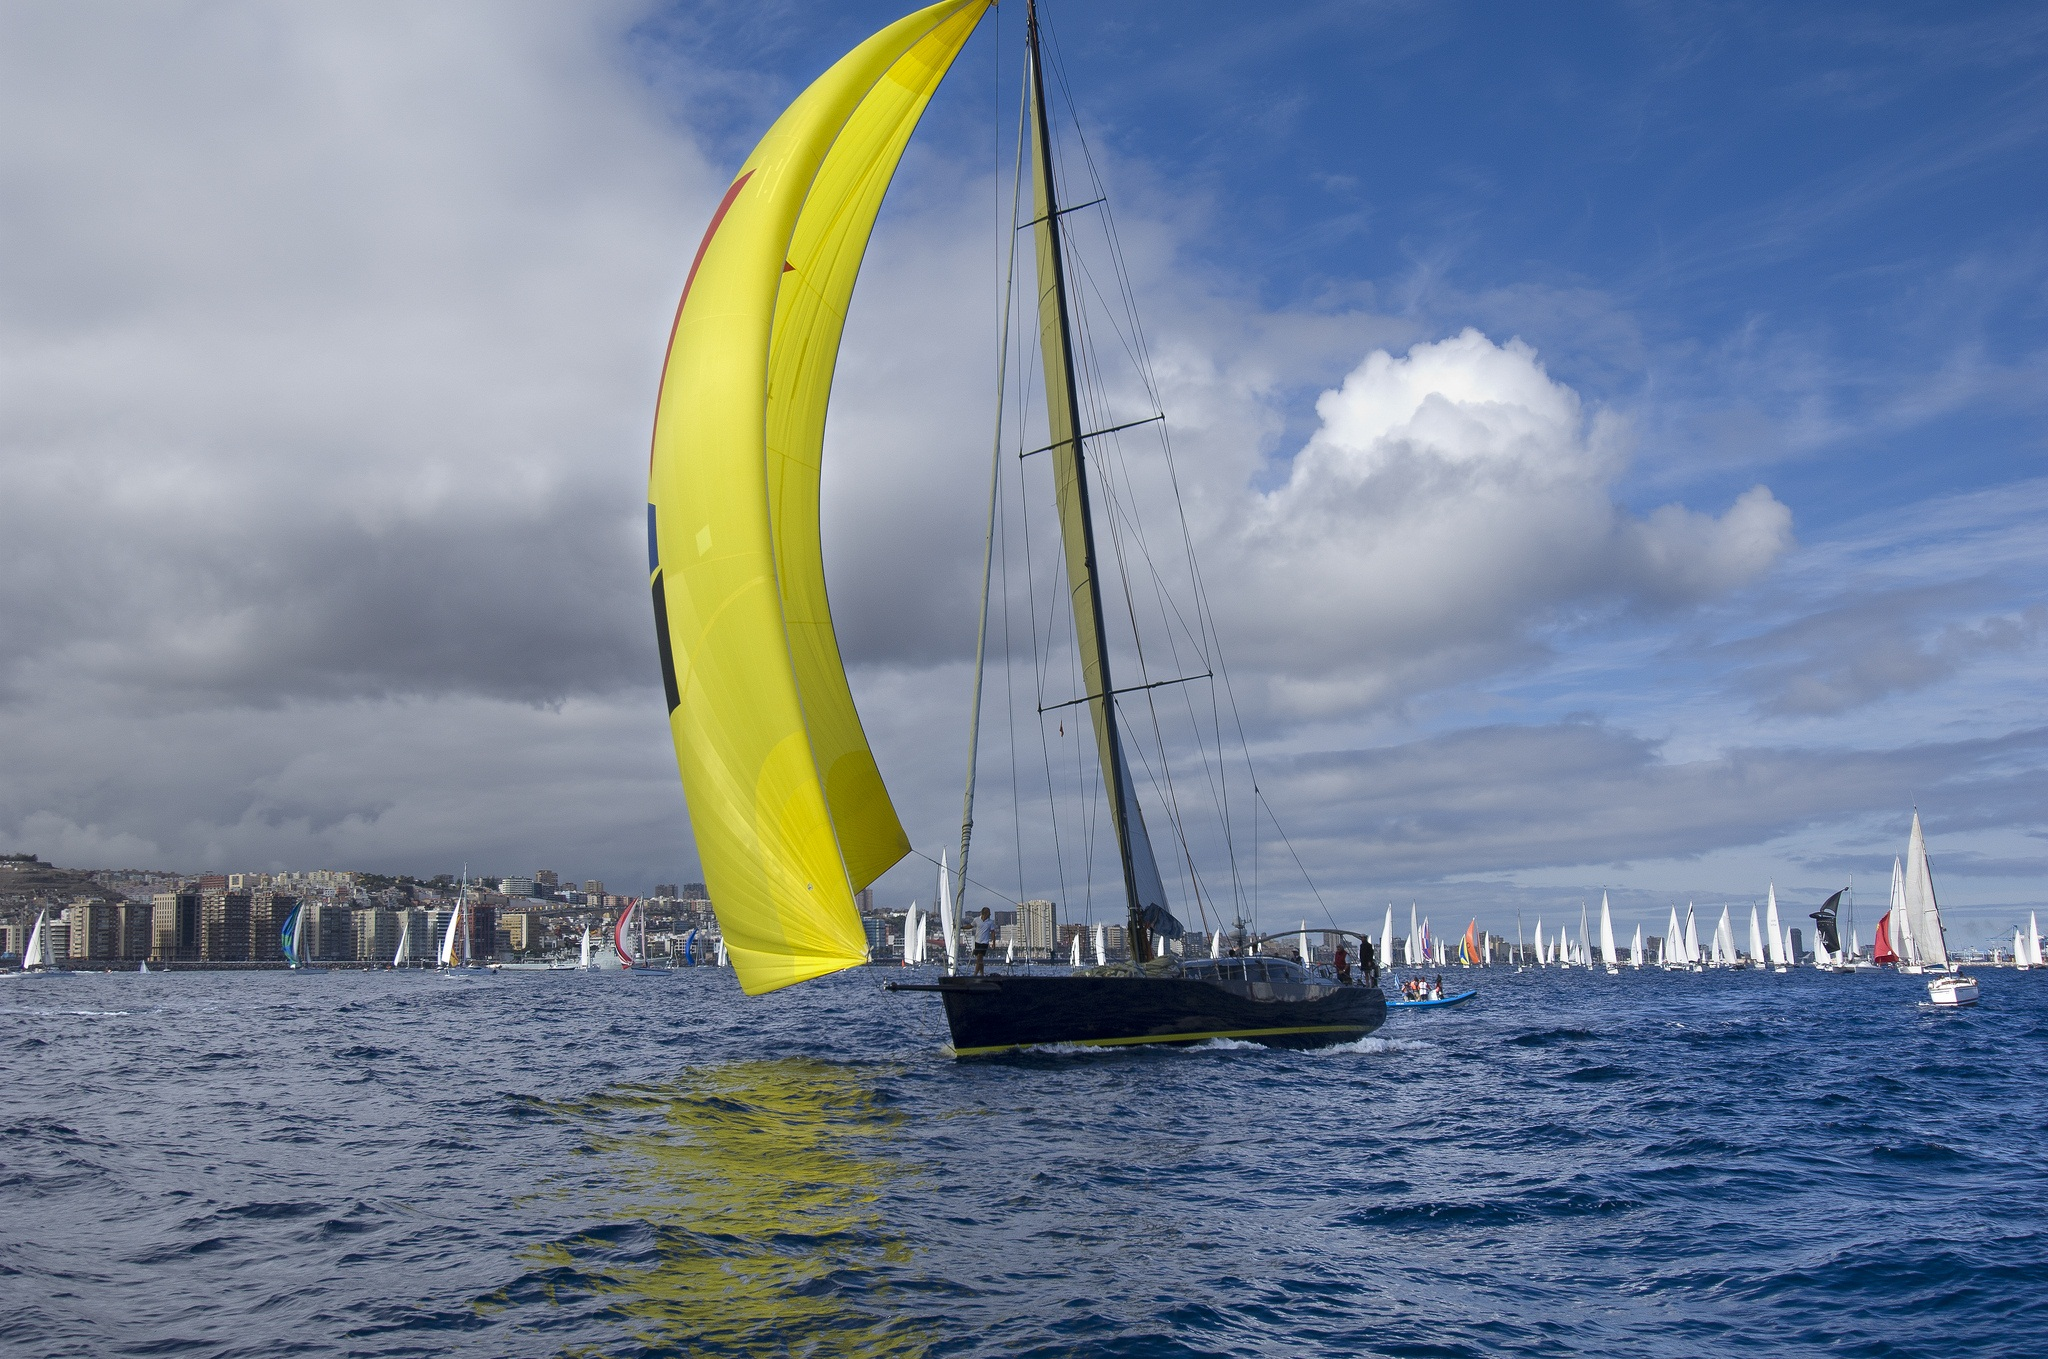 Las Palmas de Gran Canaria despide a los veleros de la 32 regata ARC este domingo